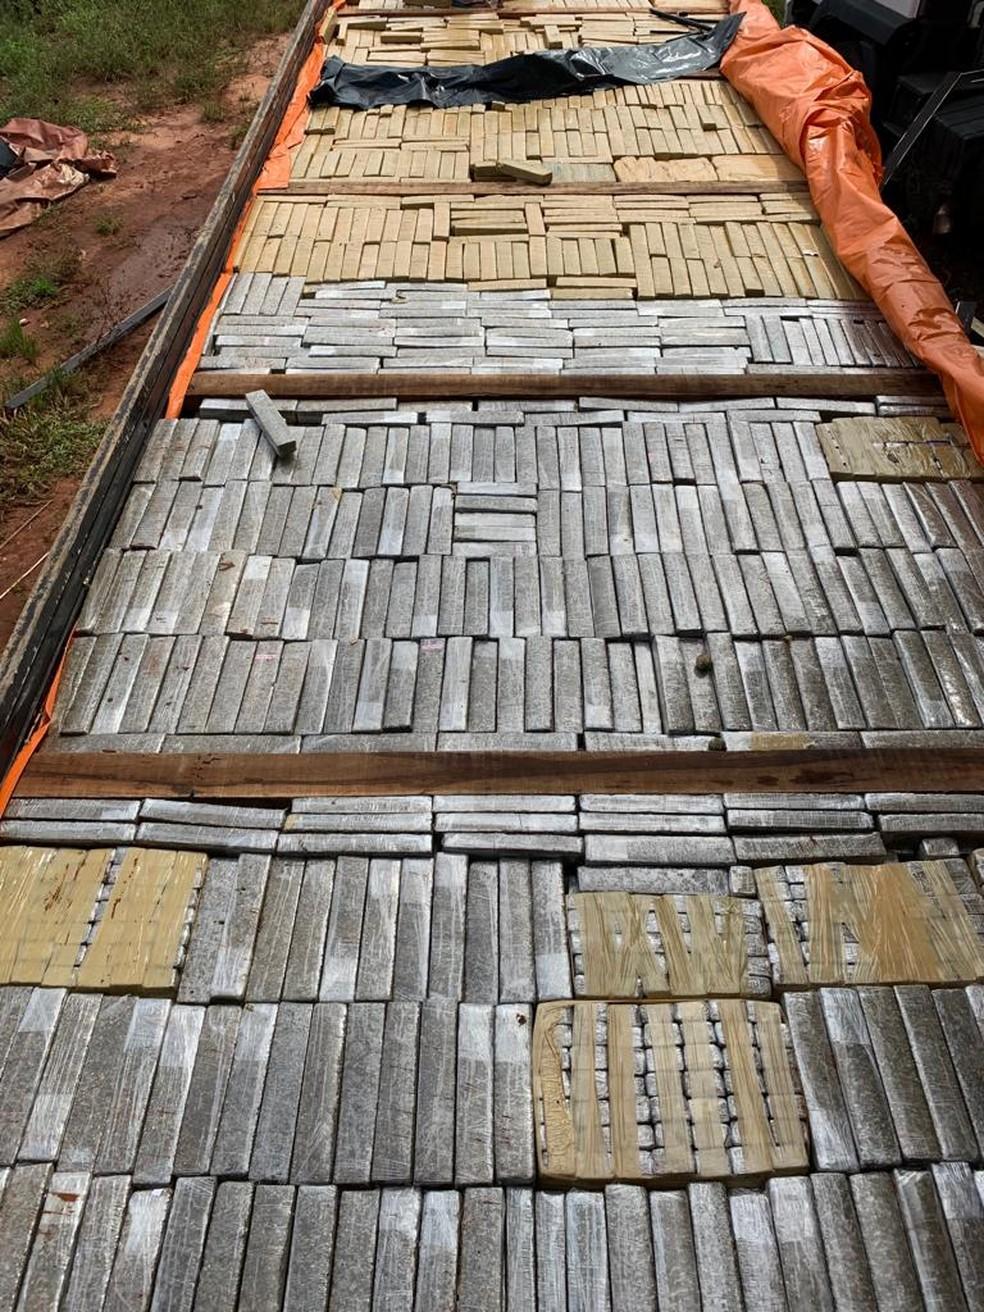 Fundo falso da carroceria do caminhão lotada de tabletes de maconha — Foto: Polícia Civil/Divulgação